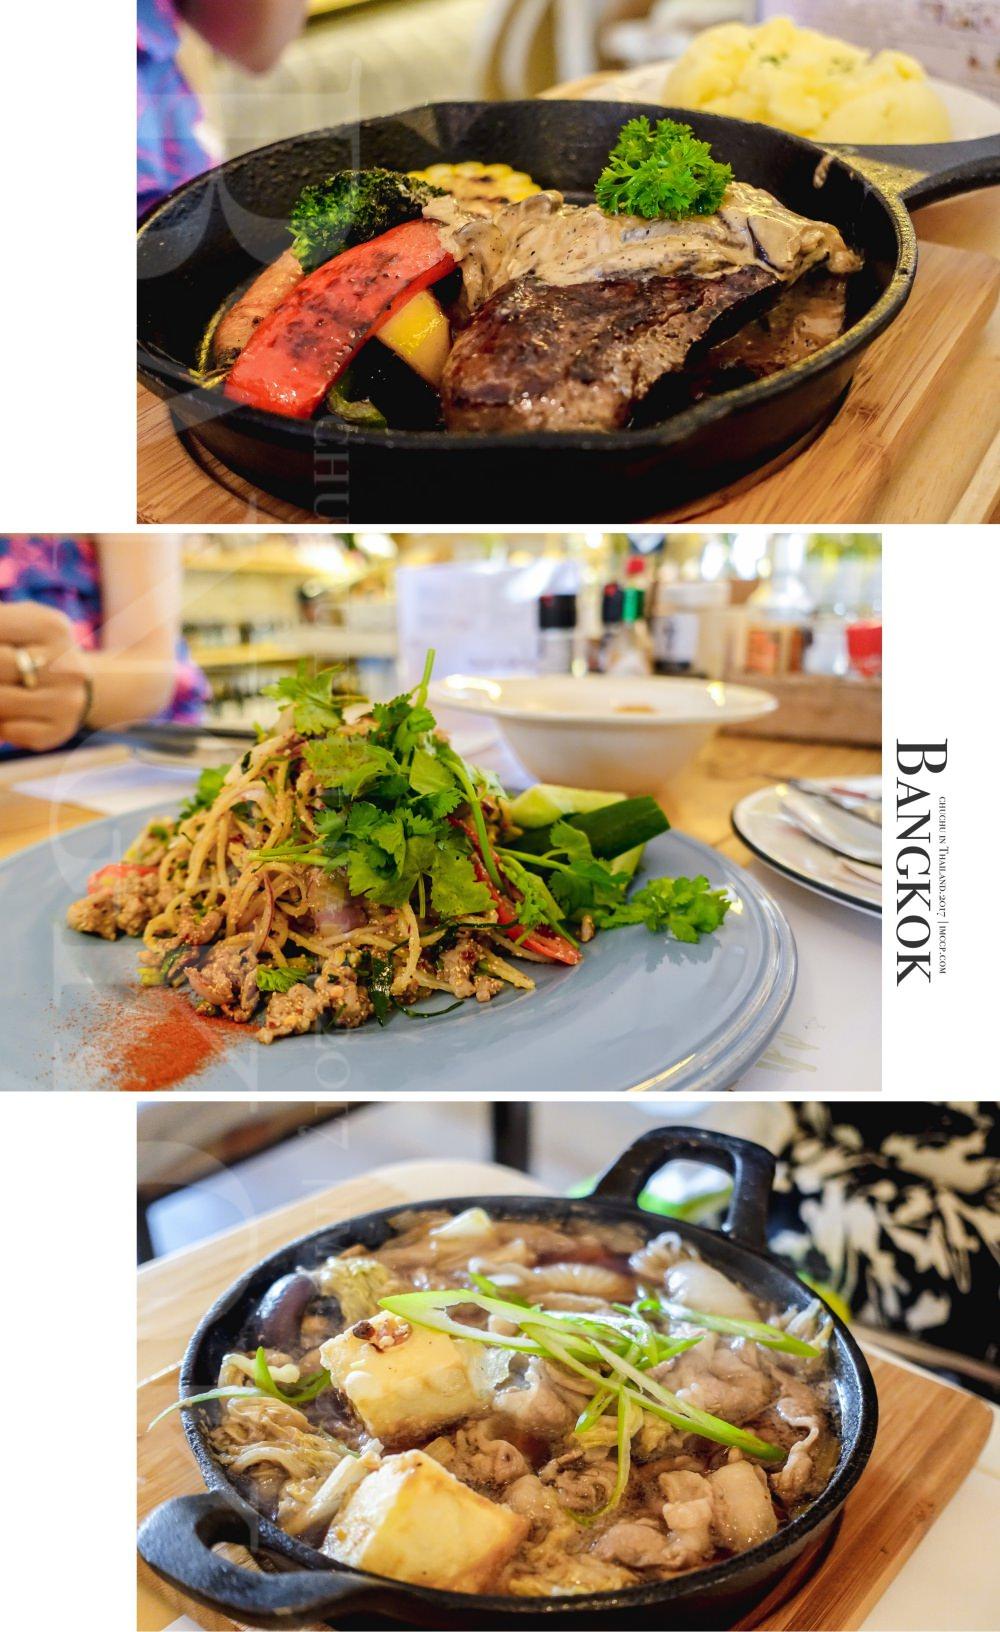 曼谷包車,曼谷自由行,曼谷機票,曼谷住宿,曼谷飯店,曼谷購物,曼谷必買,曼谷機場,曼谷天氣,曼谷咖啡廳